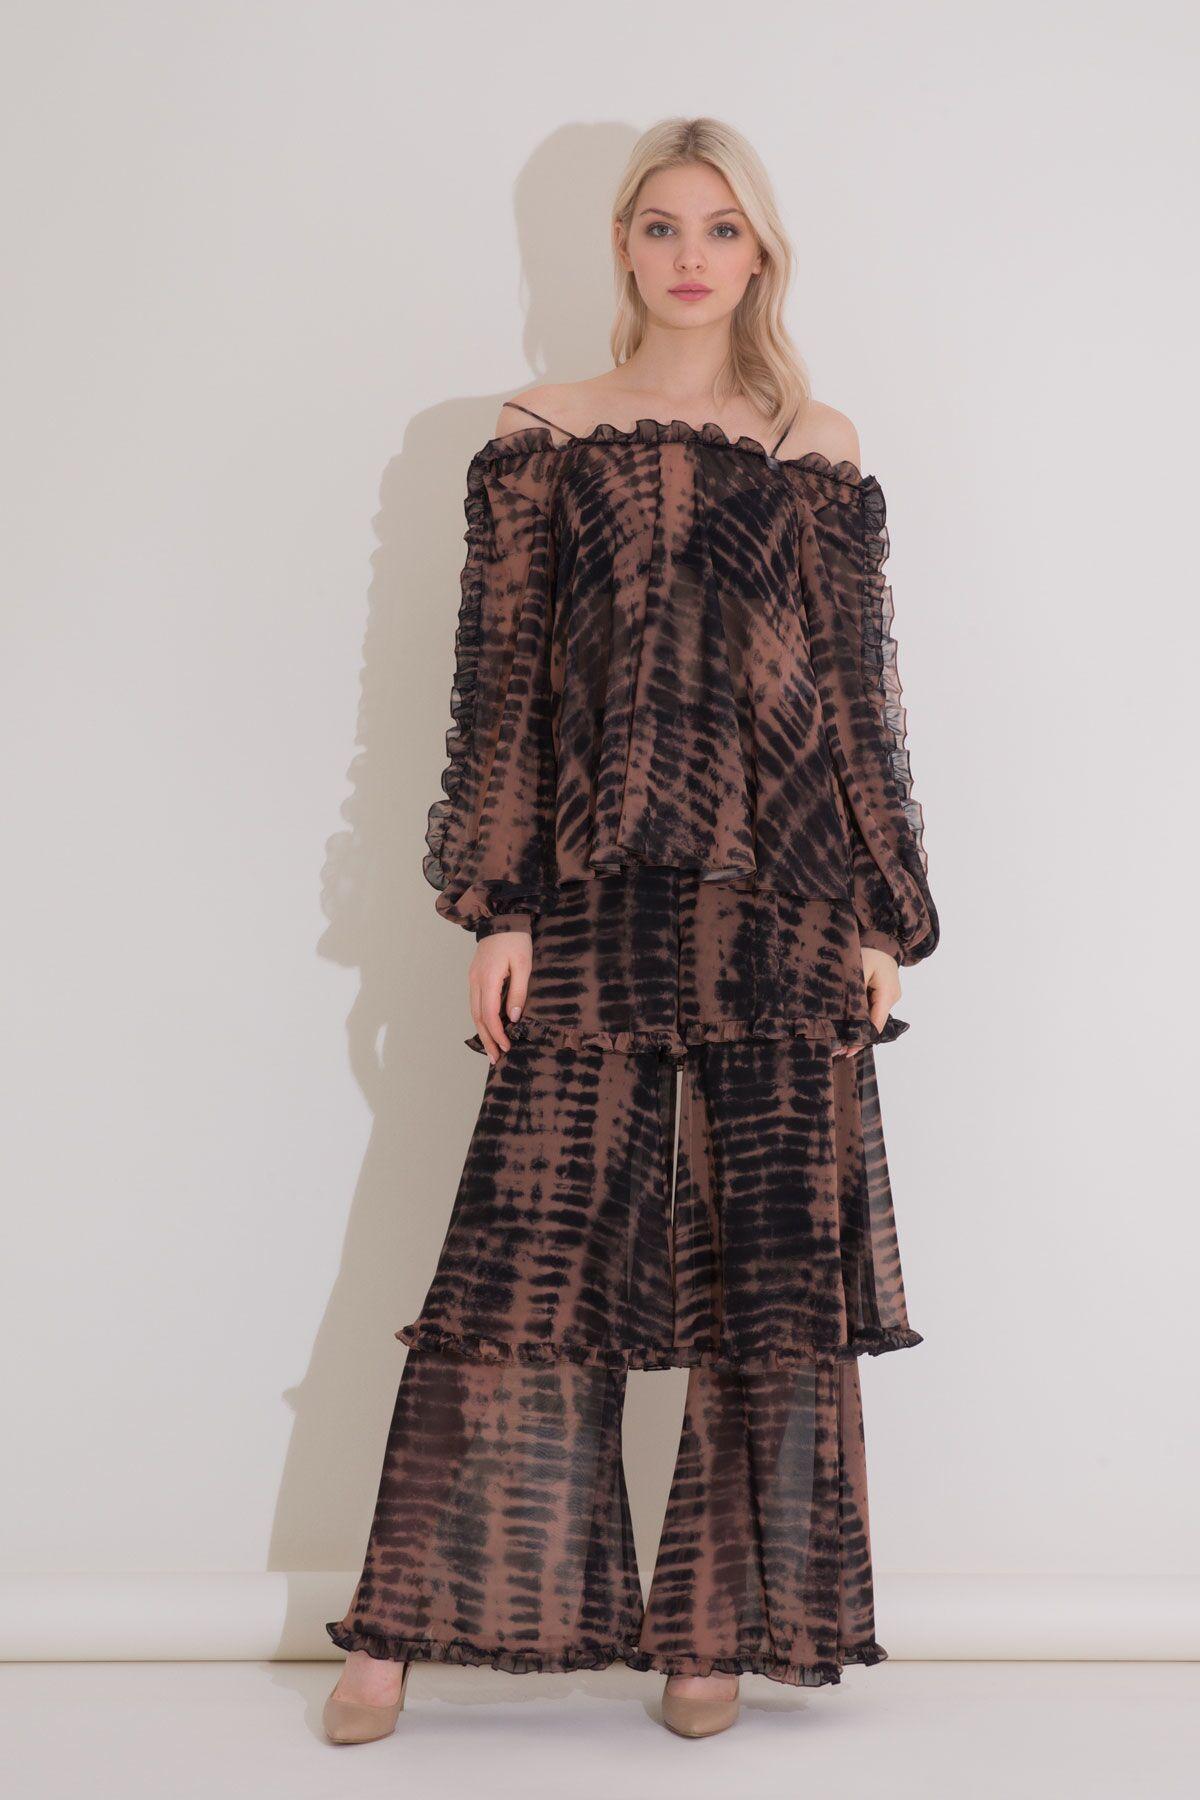 Yüksek Bel Fırfır Detaylı, Batik Desen Kat Kat Şifon Pantolon